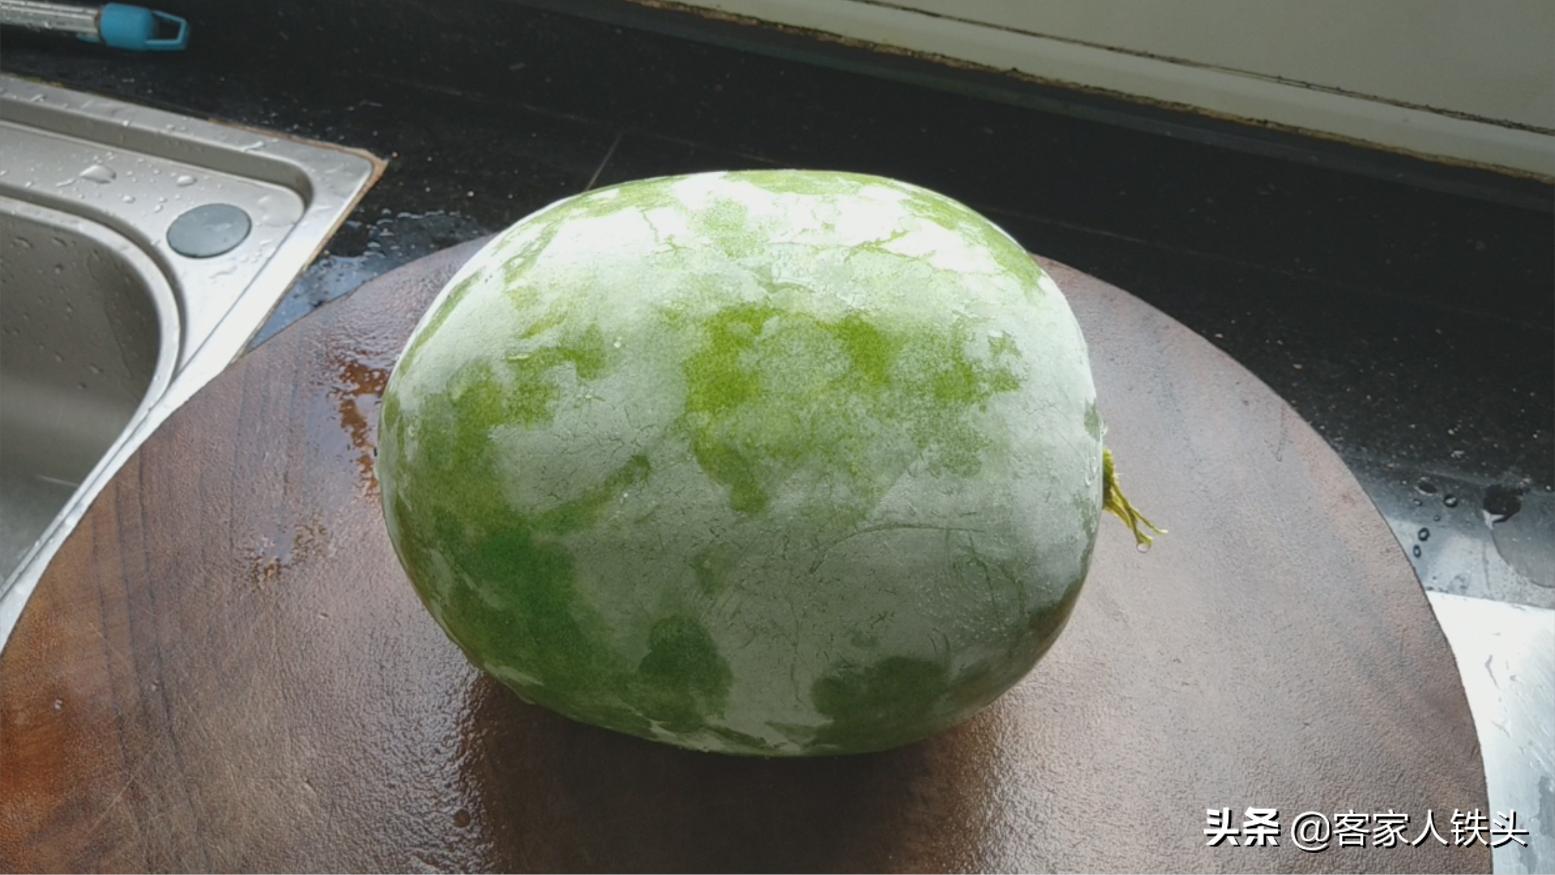 以後待客冬瓜不煲湯,加1塊魚腩這樣做,汁多味美,還沒一點腥味